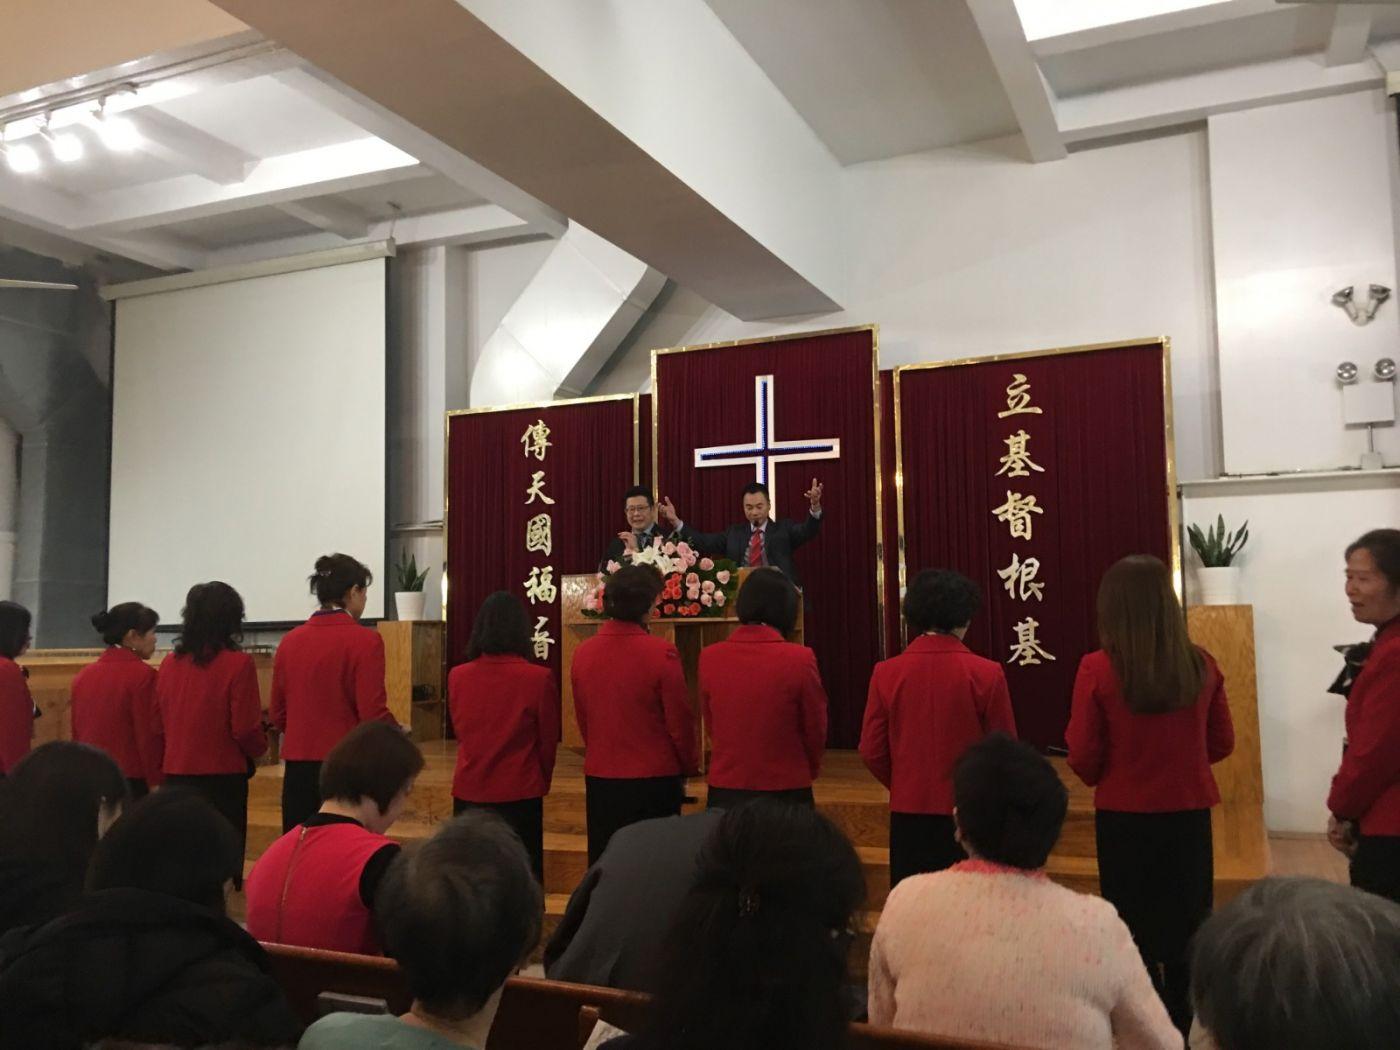 2019紐約基督閩恩教會舉辦感恩節崇拜_图1-12